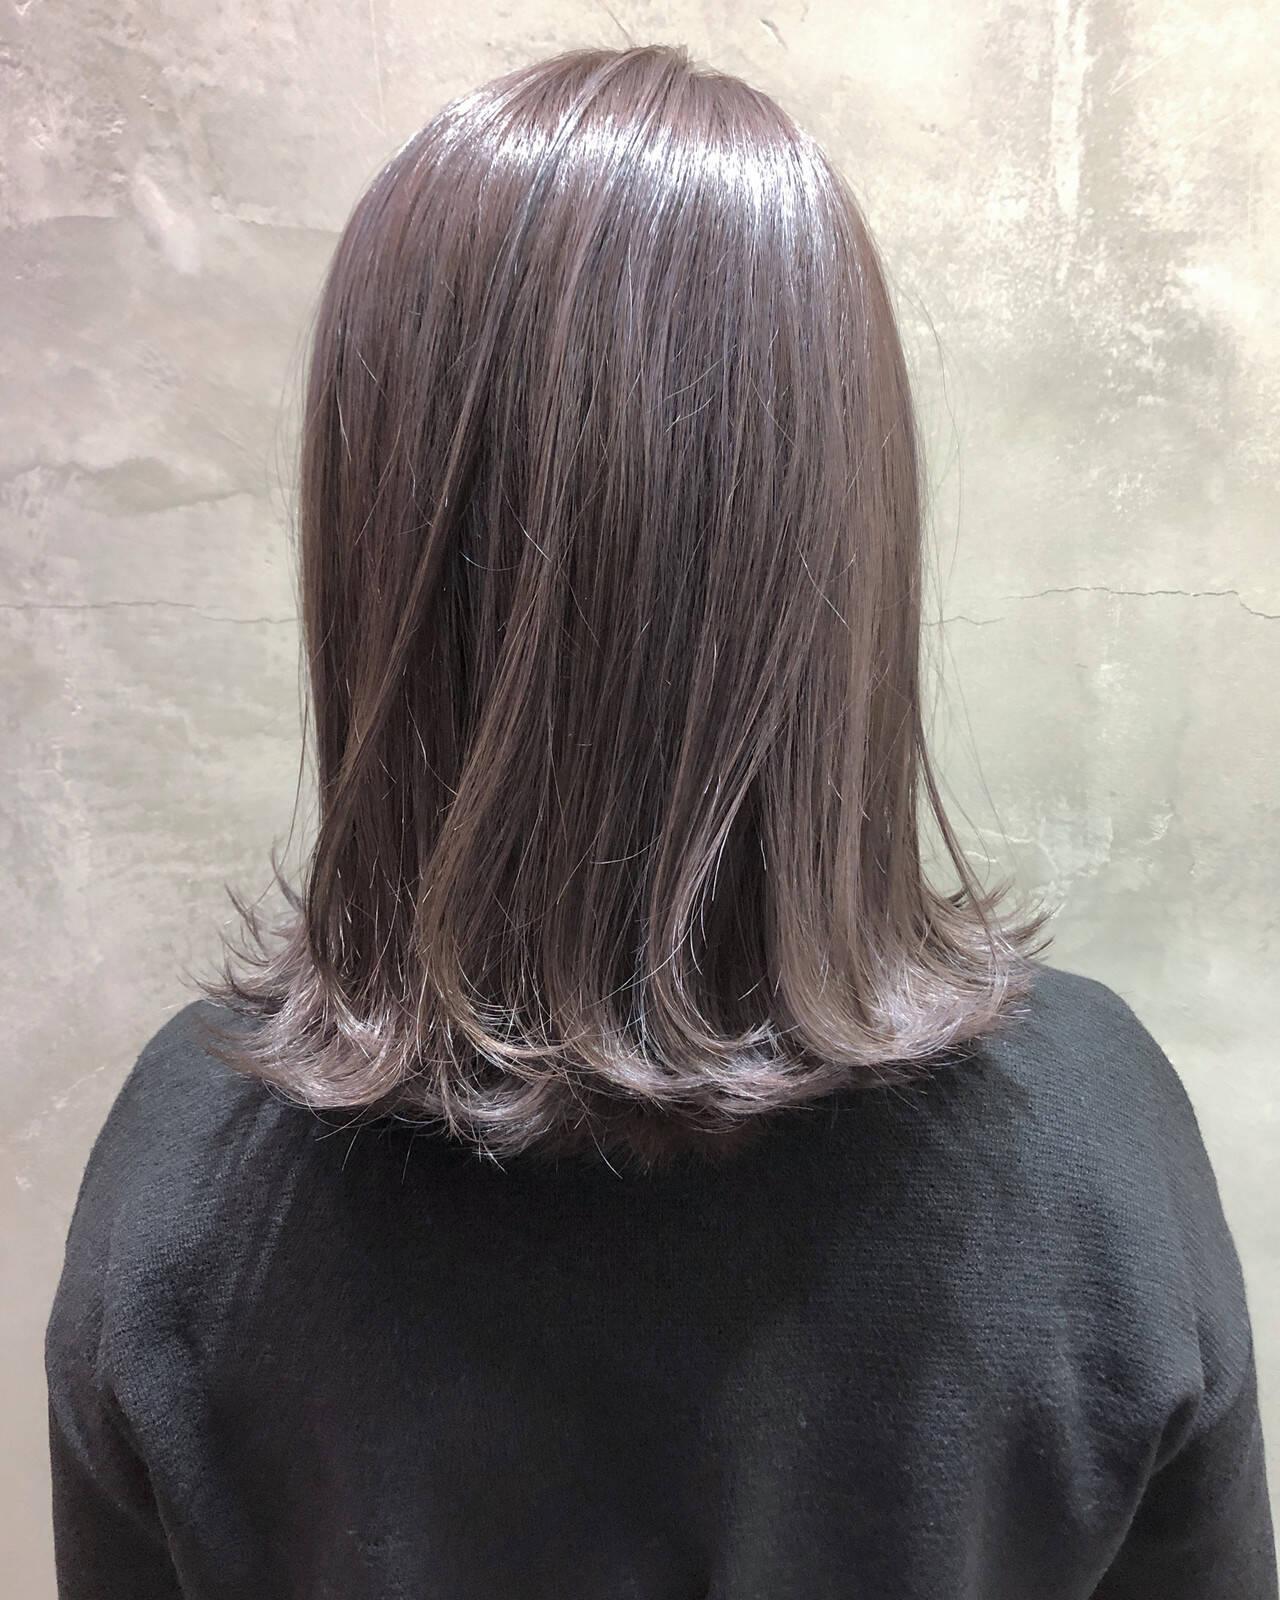 ナチュラル ハイライト 3Dハイライト ミディアムヘアスタイルや髪型の写真・画像